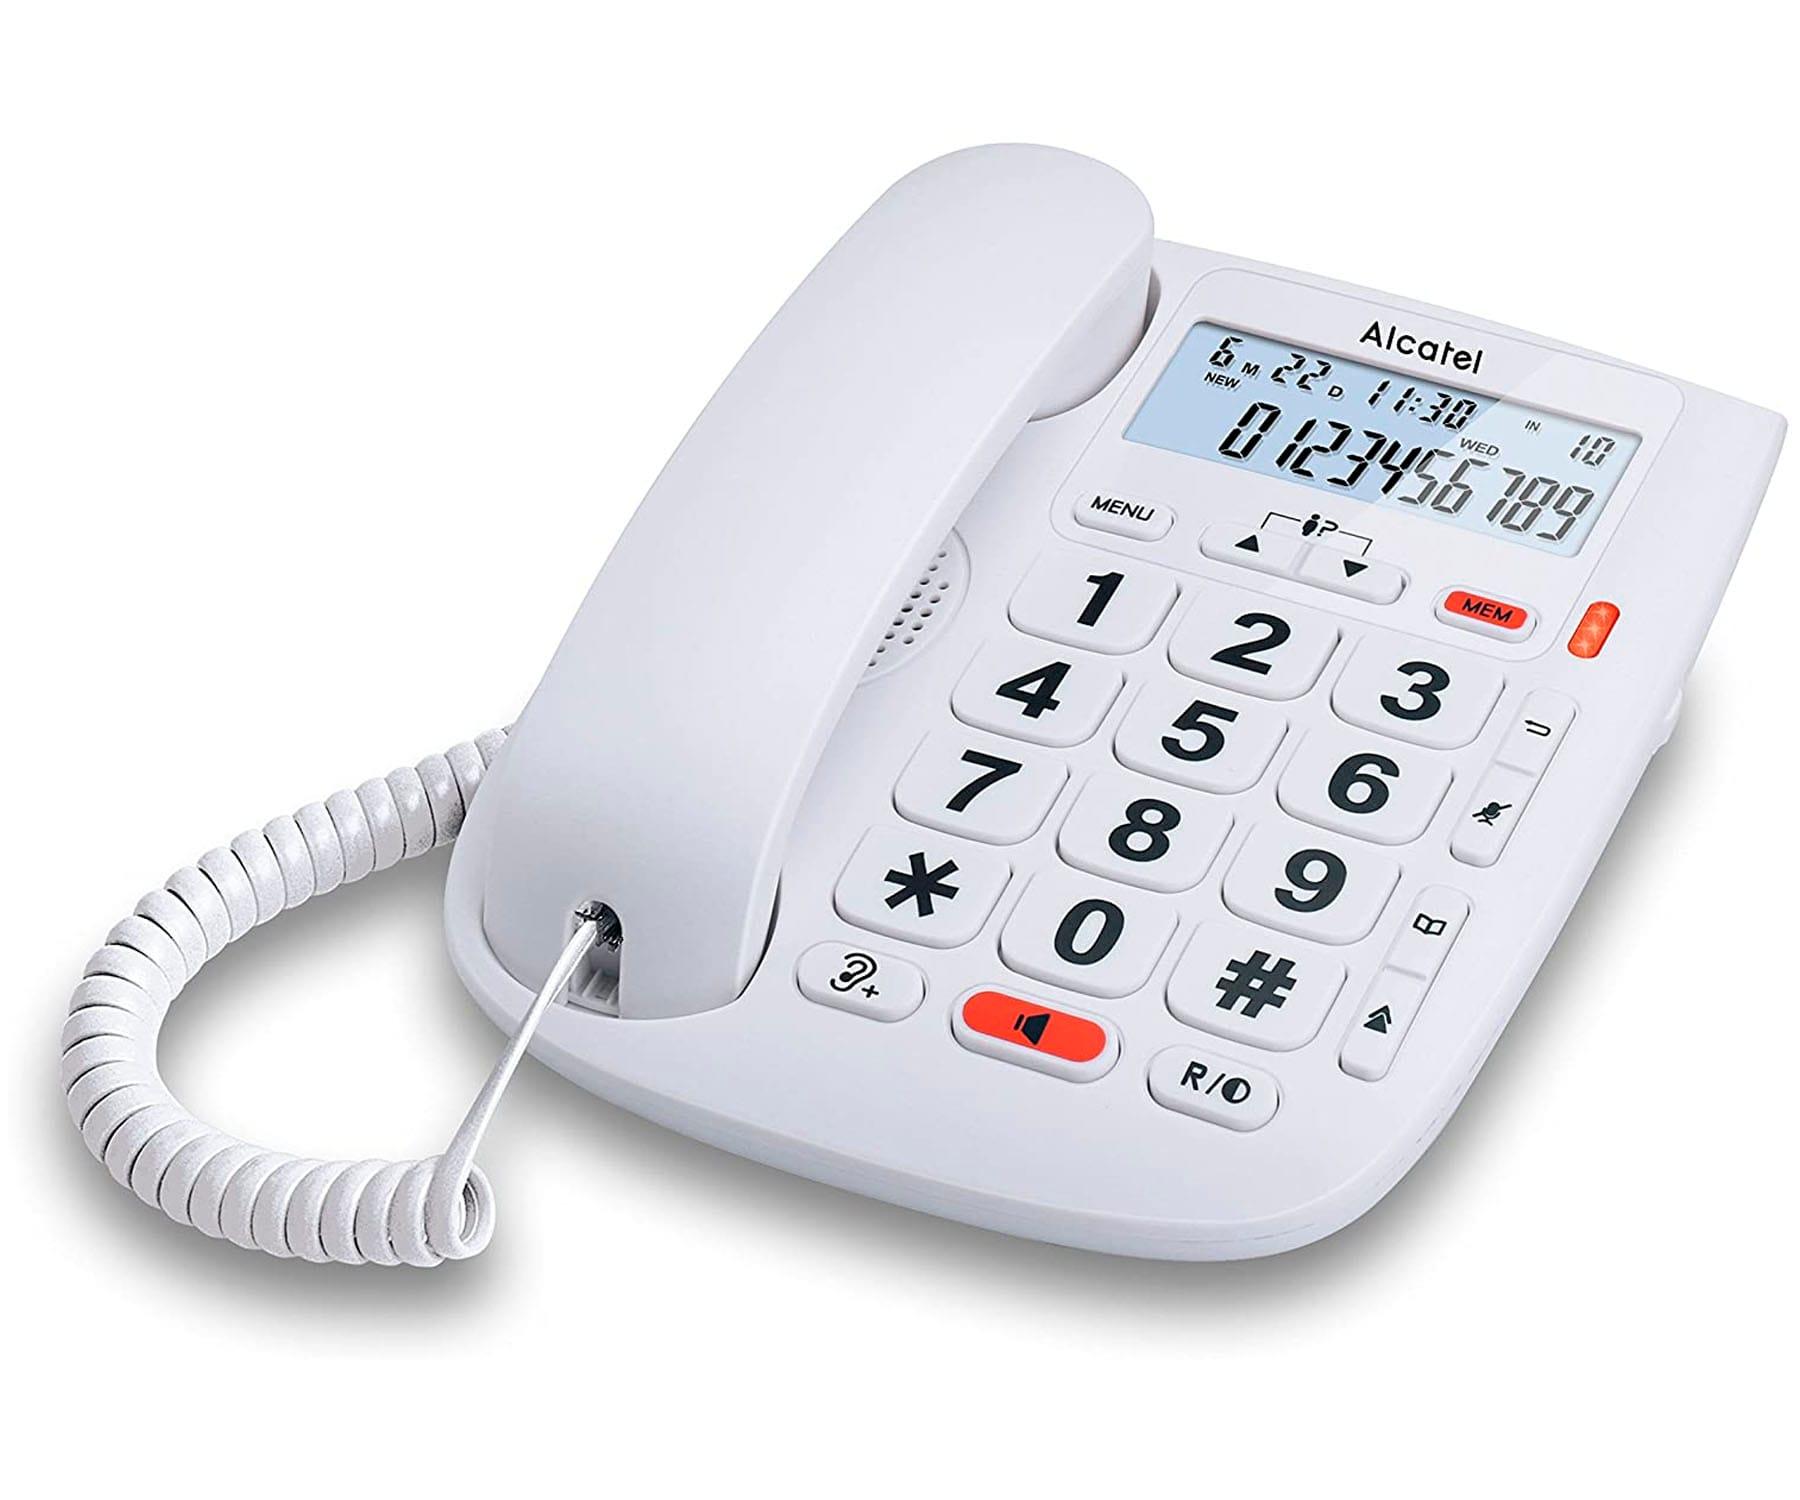 ALCATEL TMAX20 BLANCO TELÉFONO FIJO CON CABLE TECLAS GRANDES MANOS LIBRES